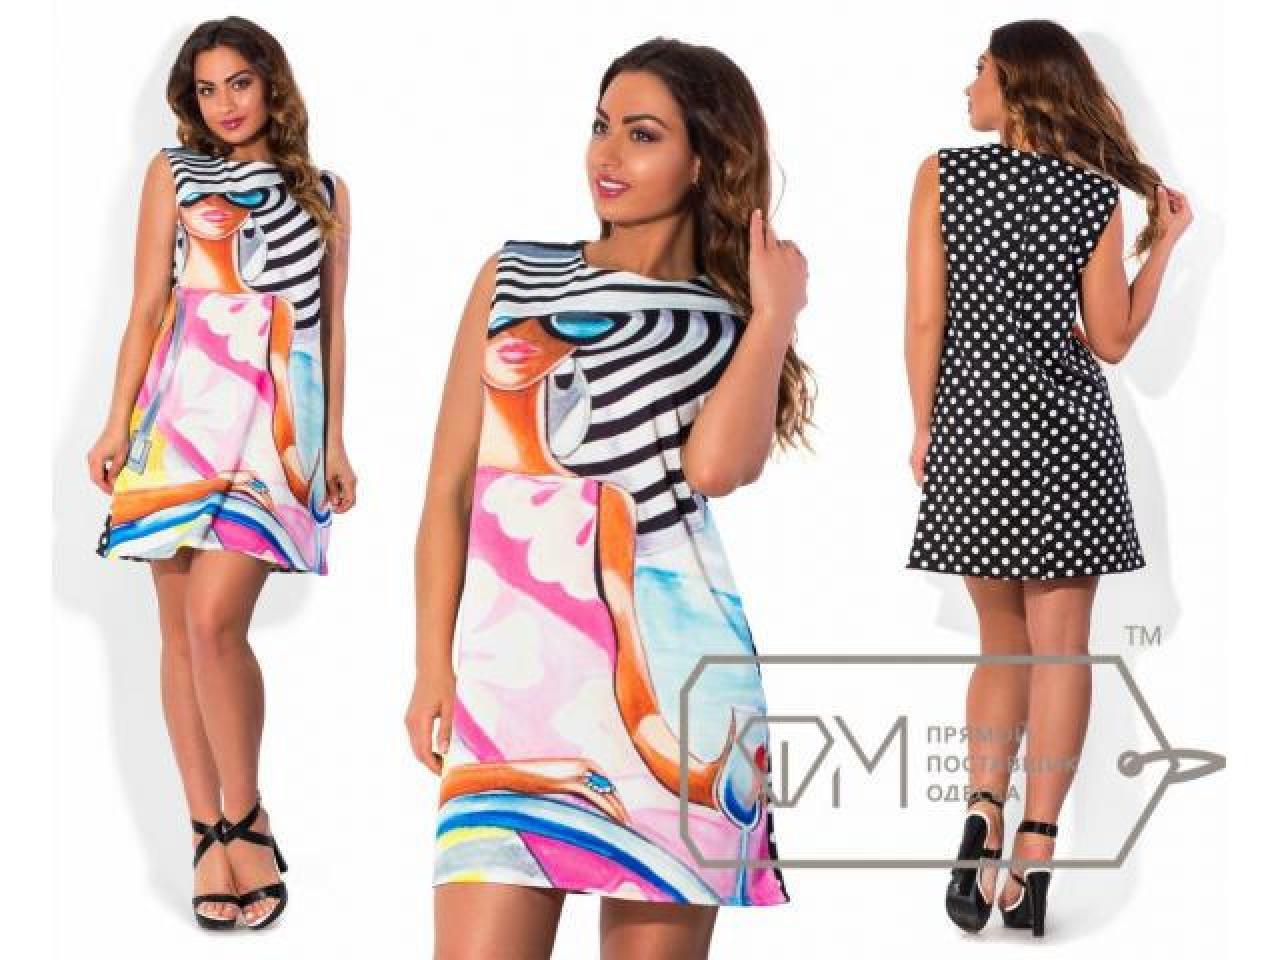 Продажа модной женской одежды оптом, B2B - 1